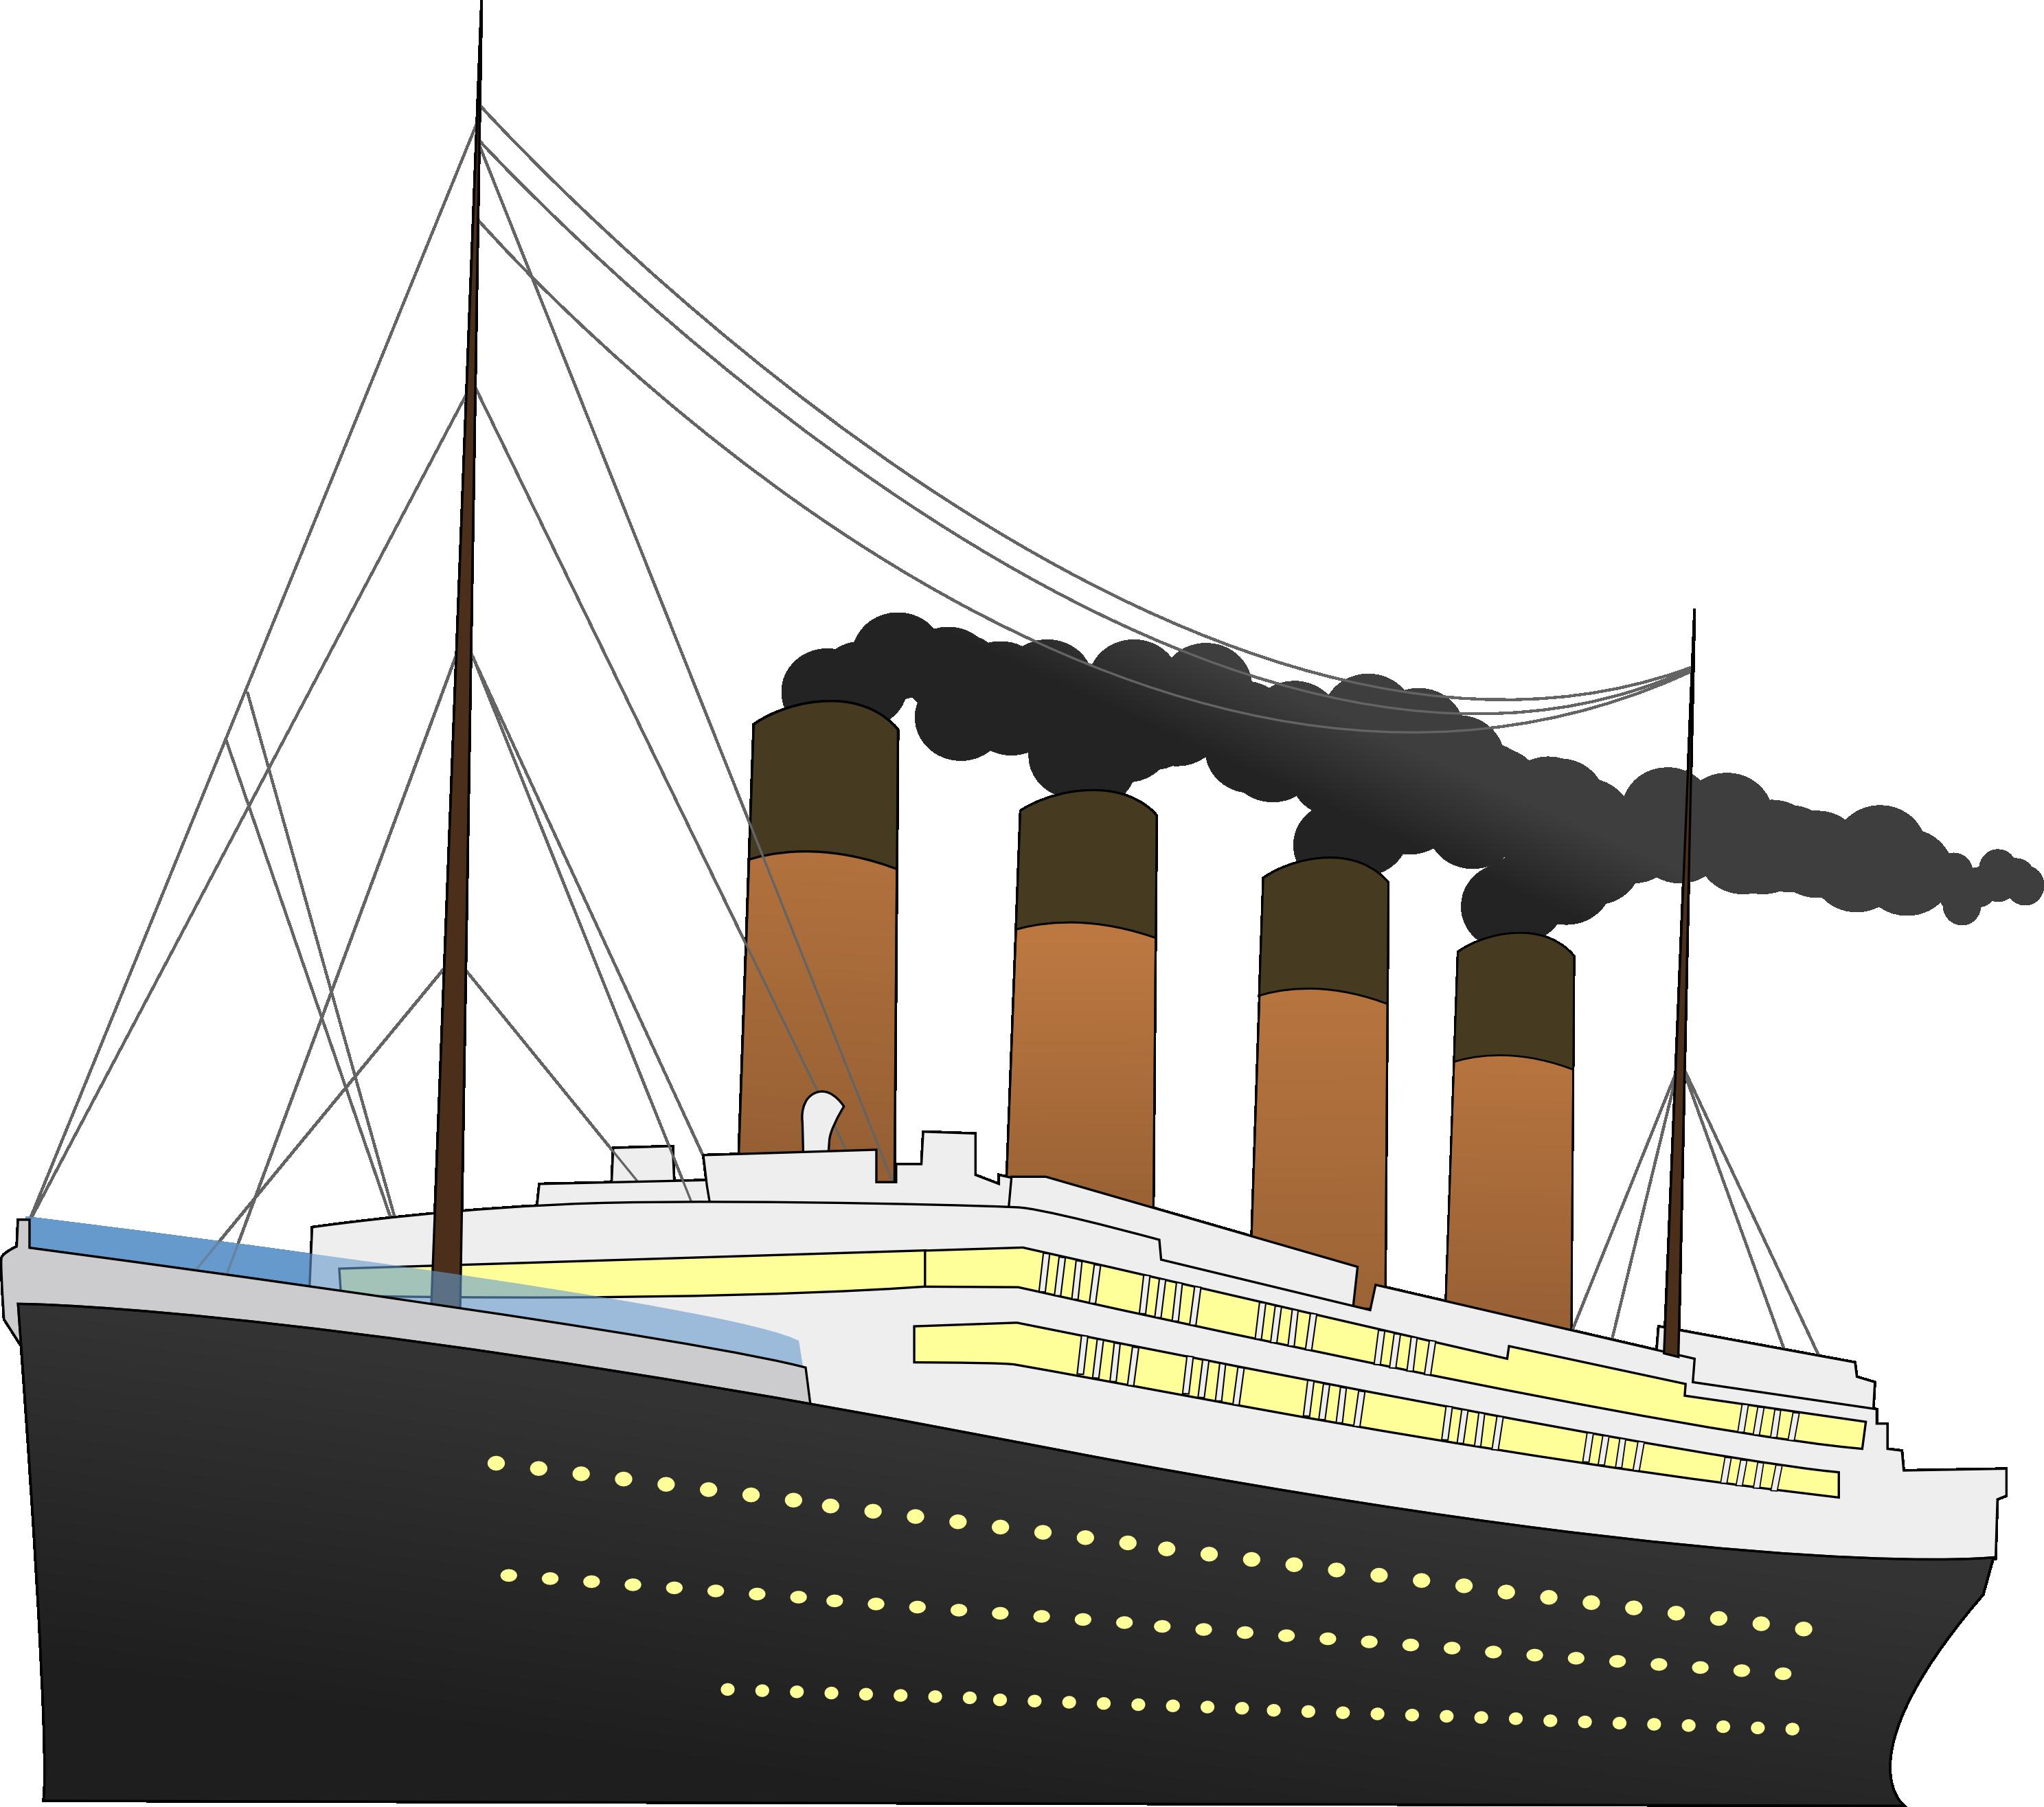 Titanic clipart Titanic Titanic Vectors Pie clipart